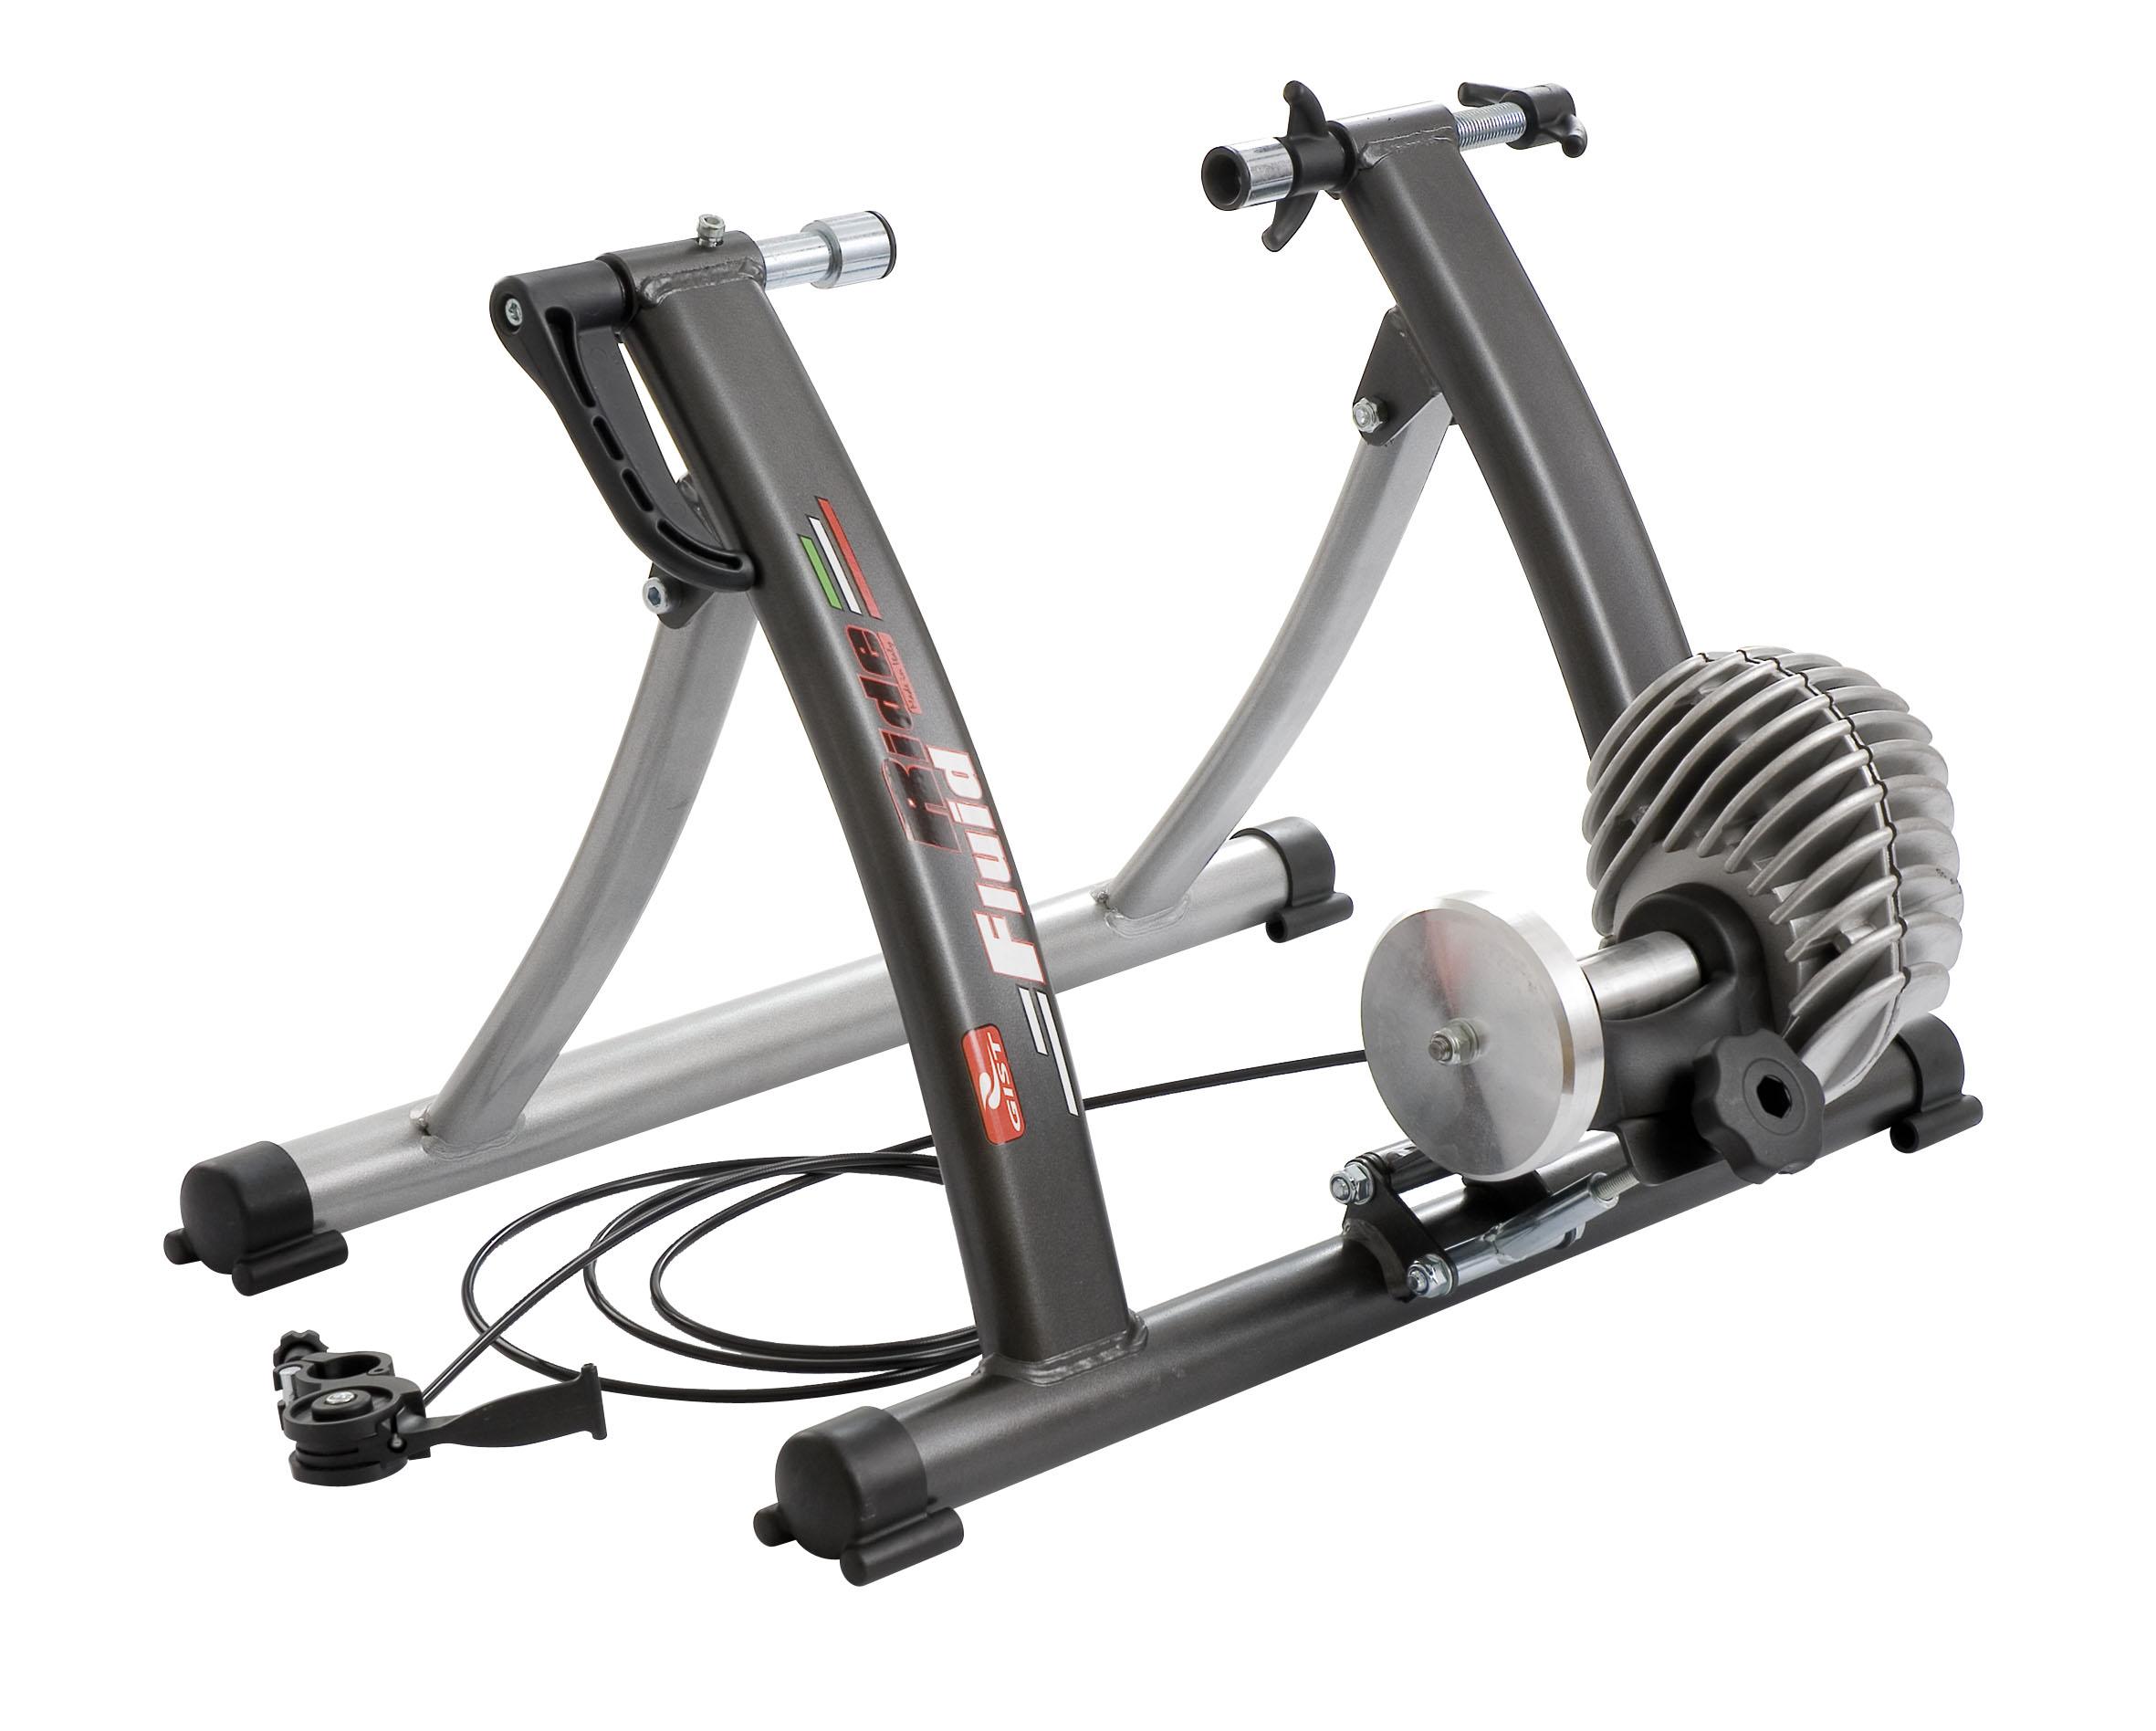 Strumenti per allenarsi anche in inverno: i rulli per allenamento bici